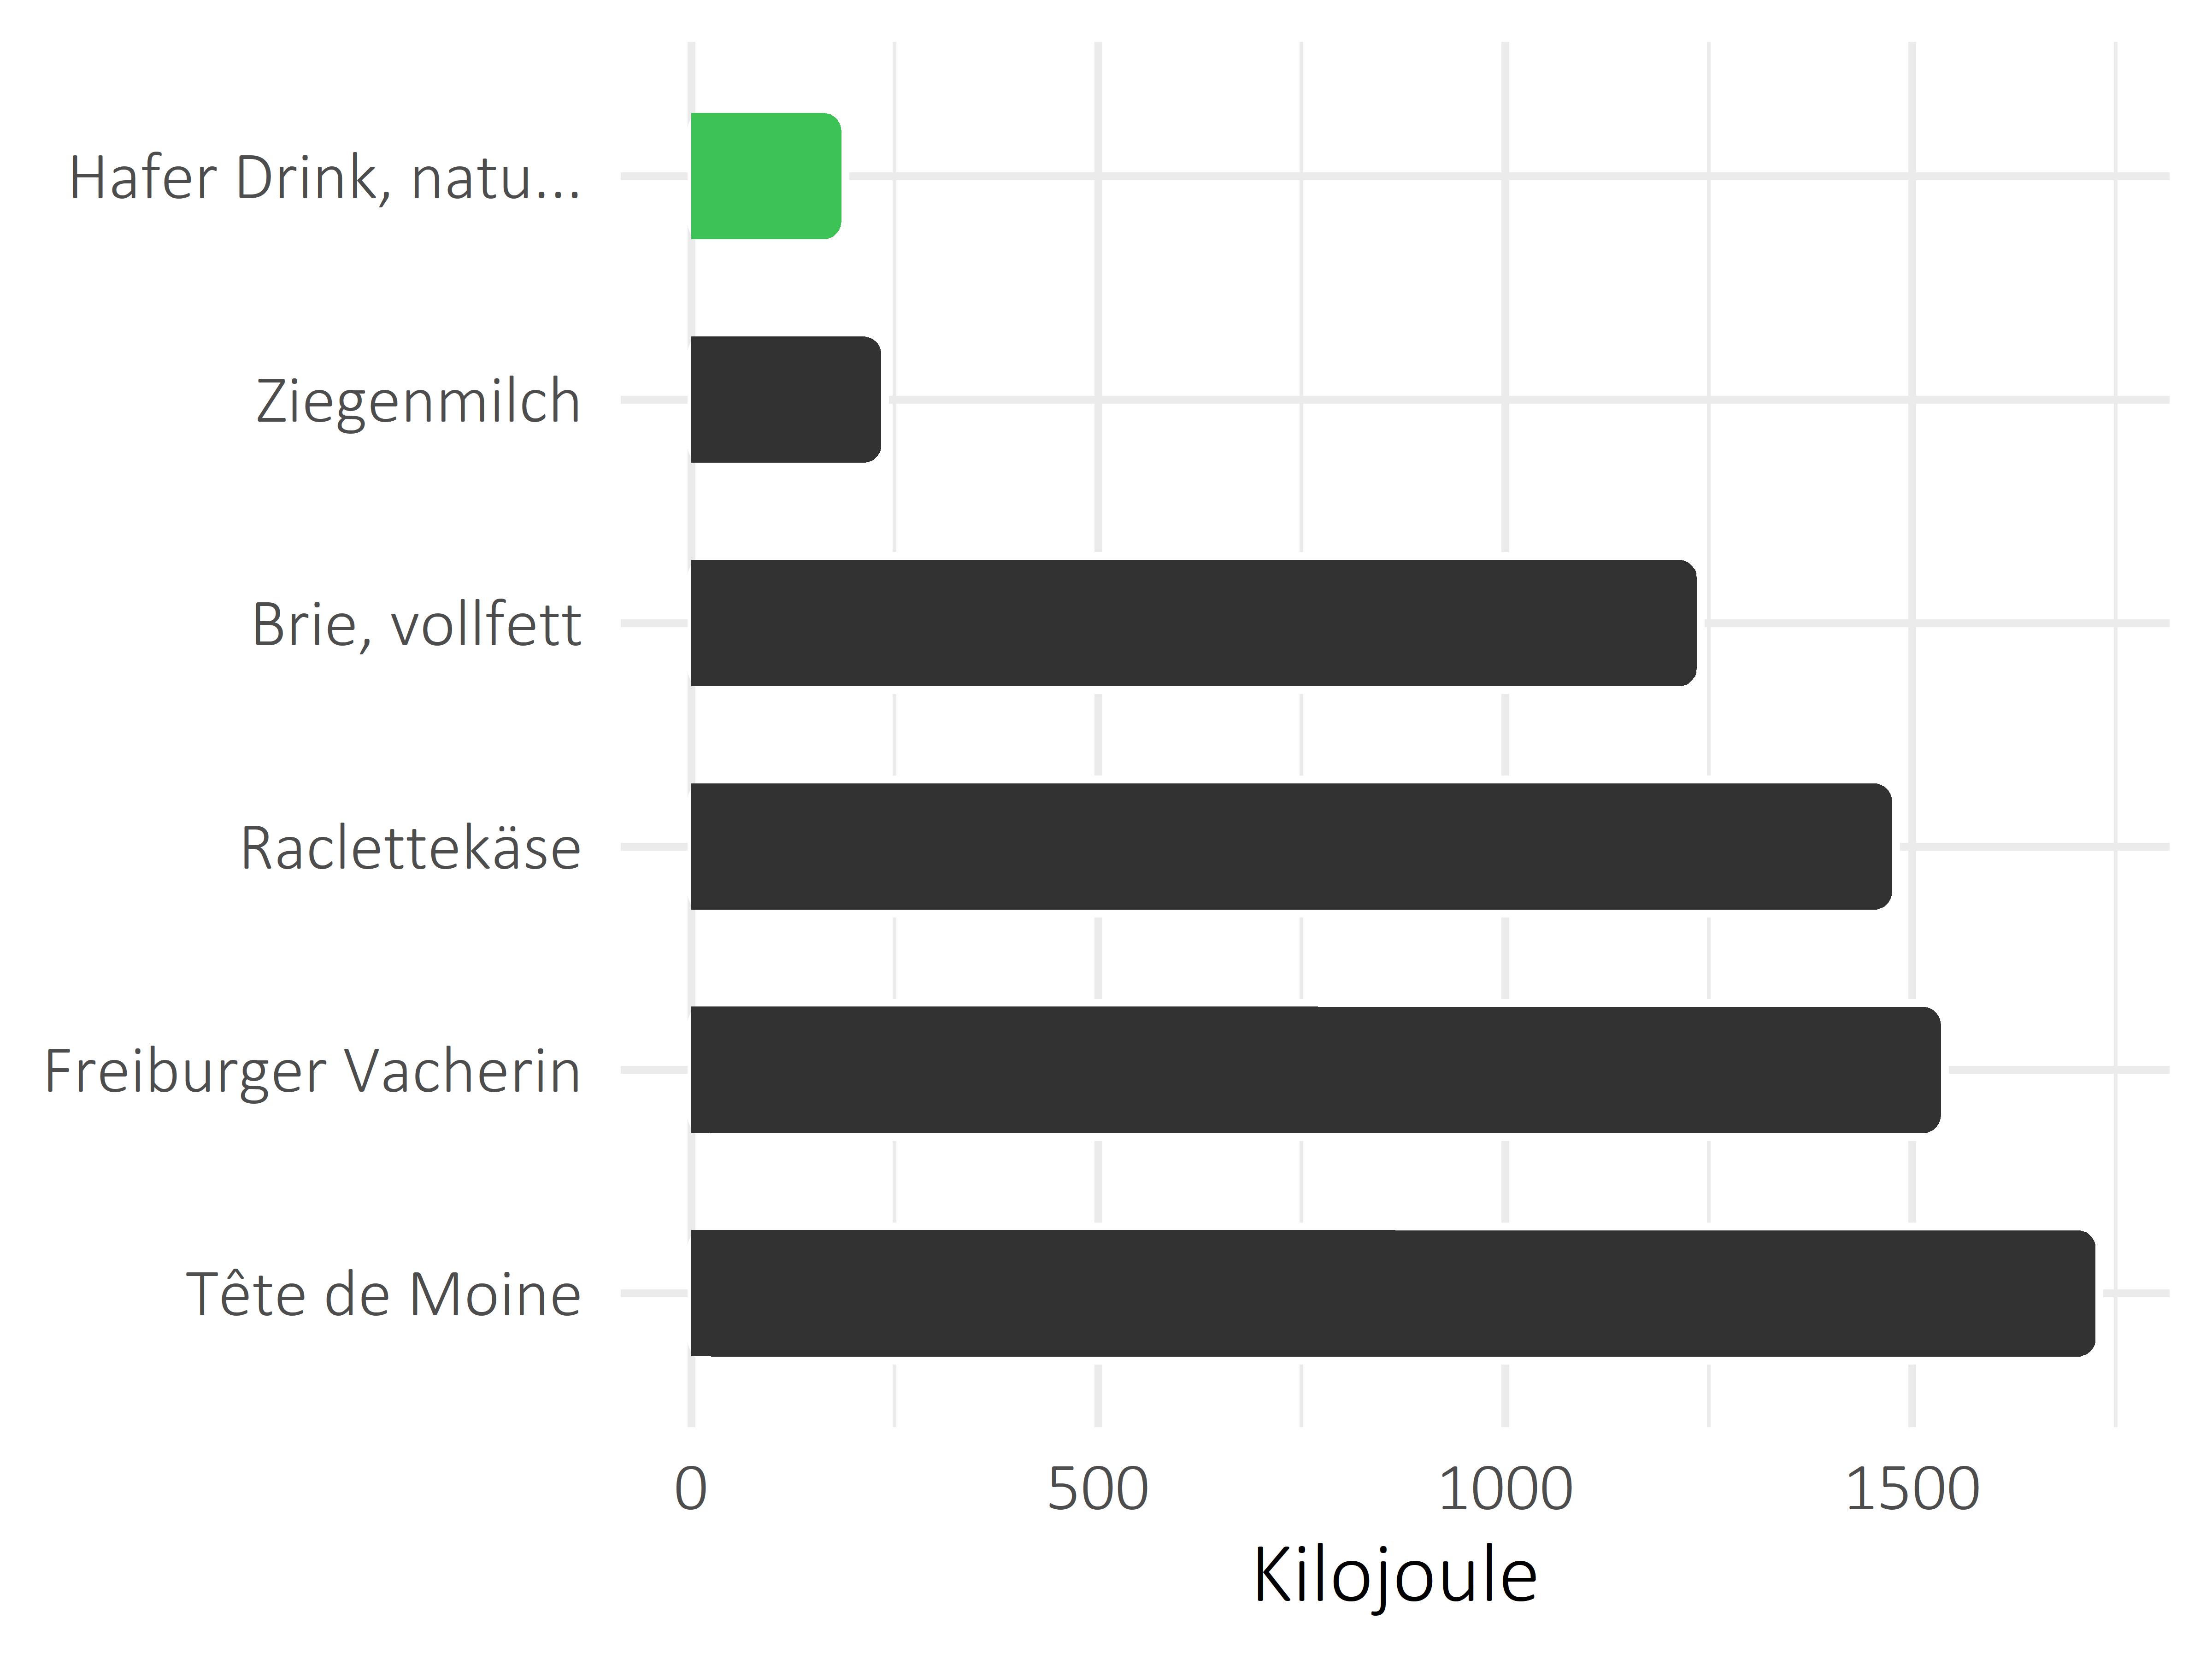 Milchprodukte Kilojoule